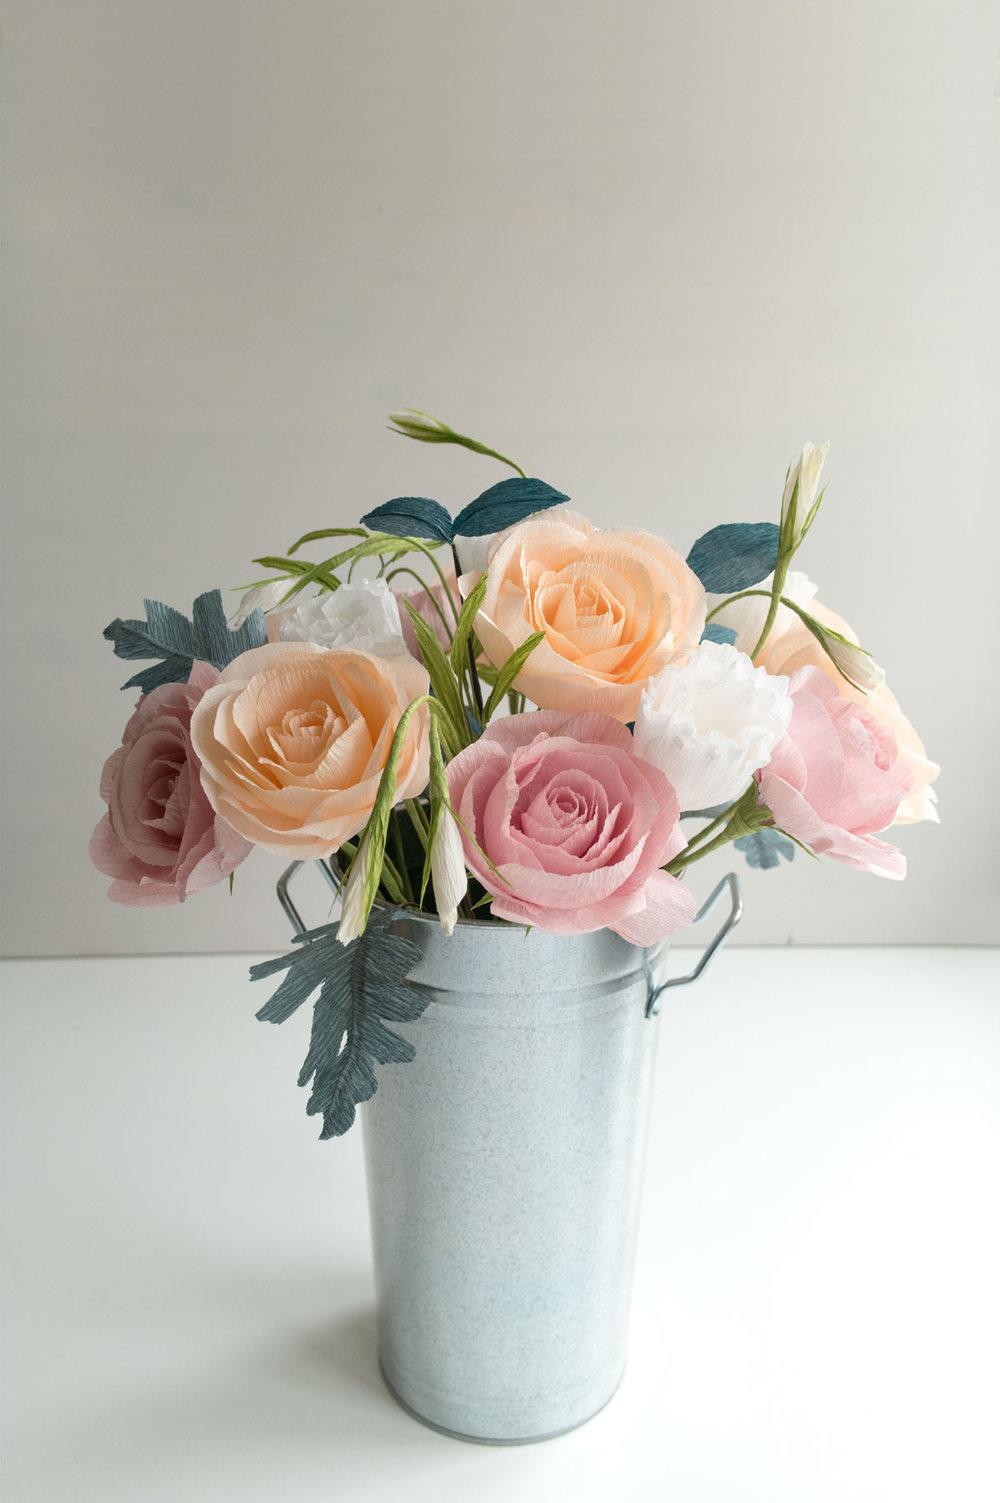 PaperRoseCo_Garrett_Flowers_1_lr.jpg